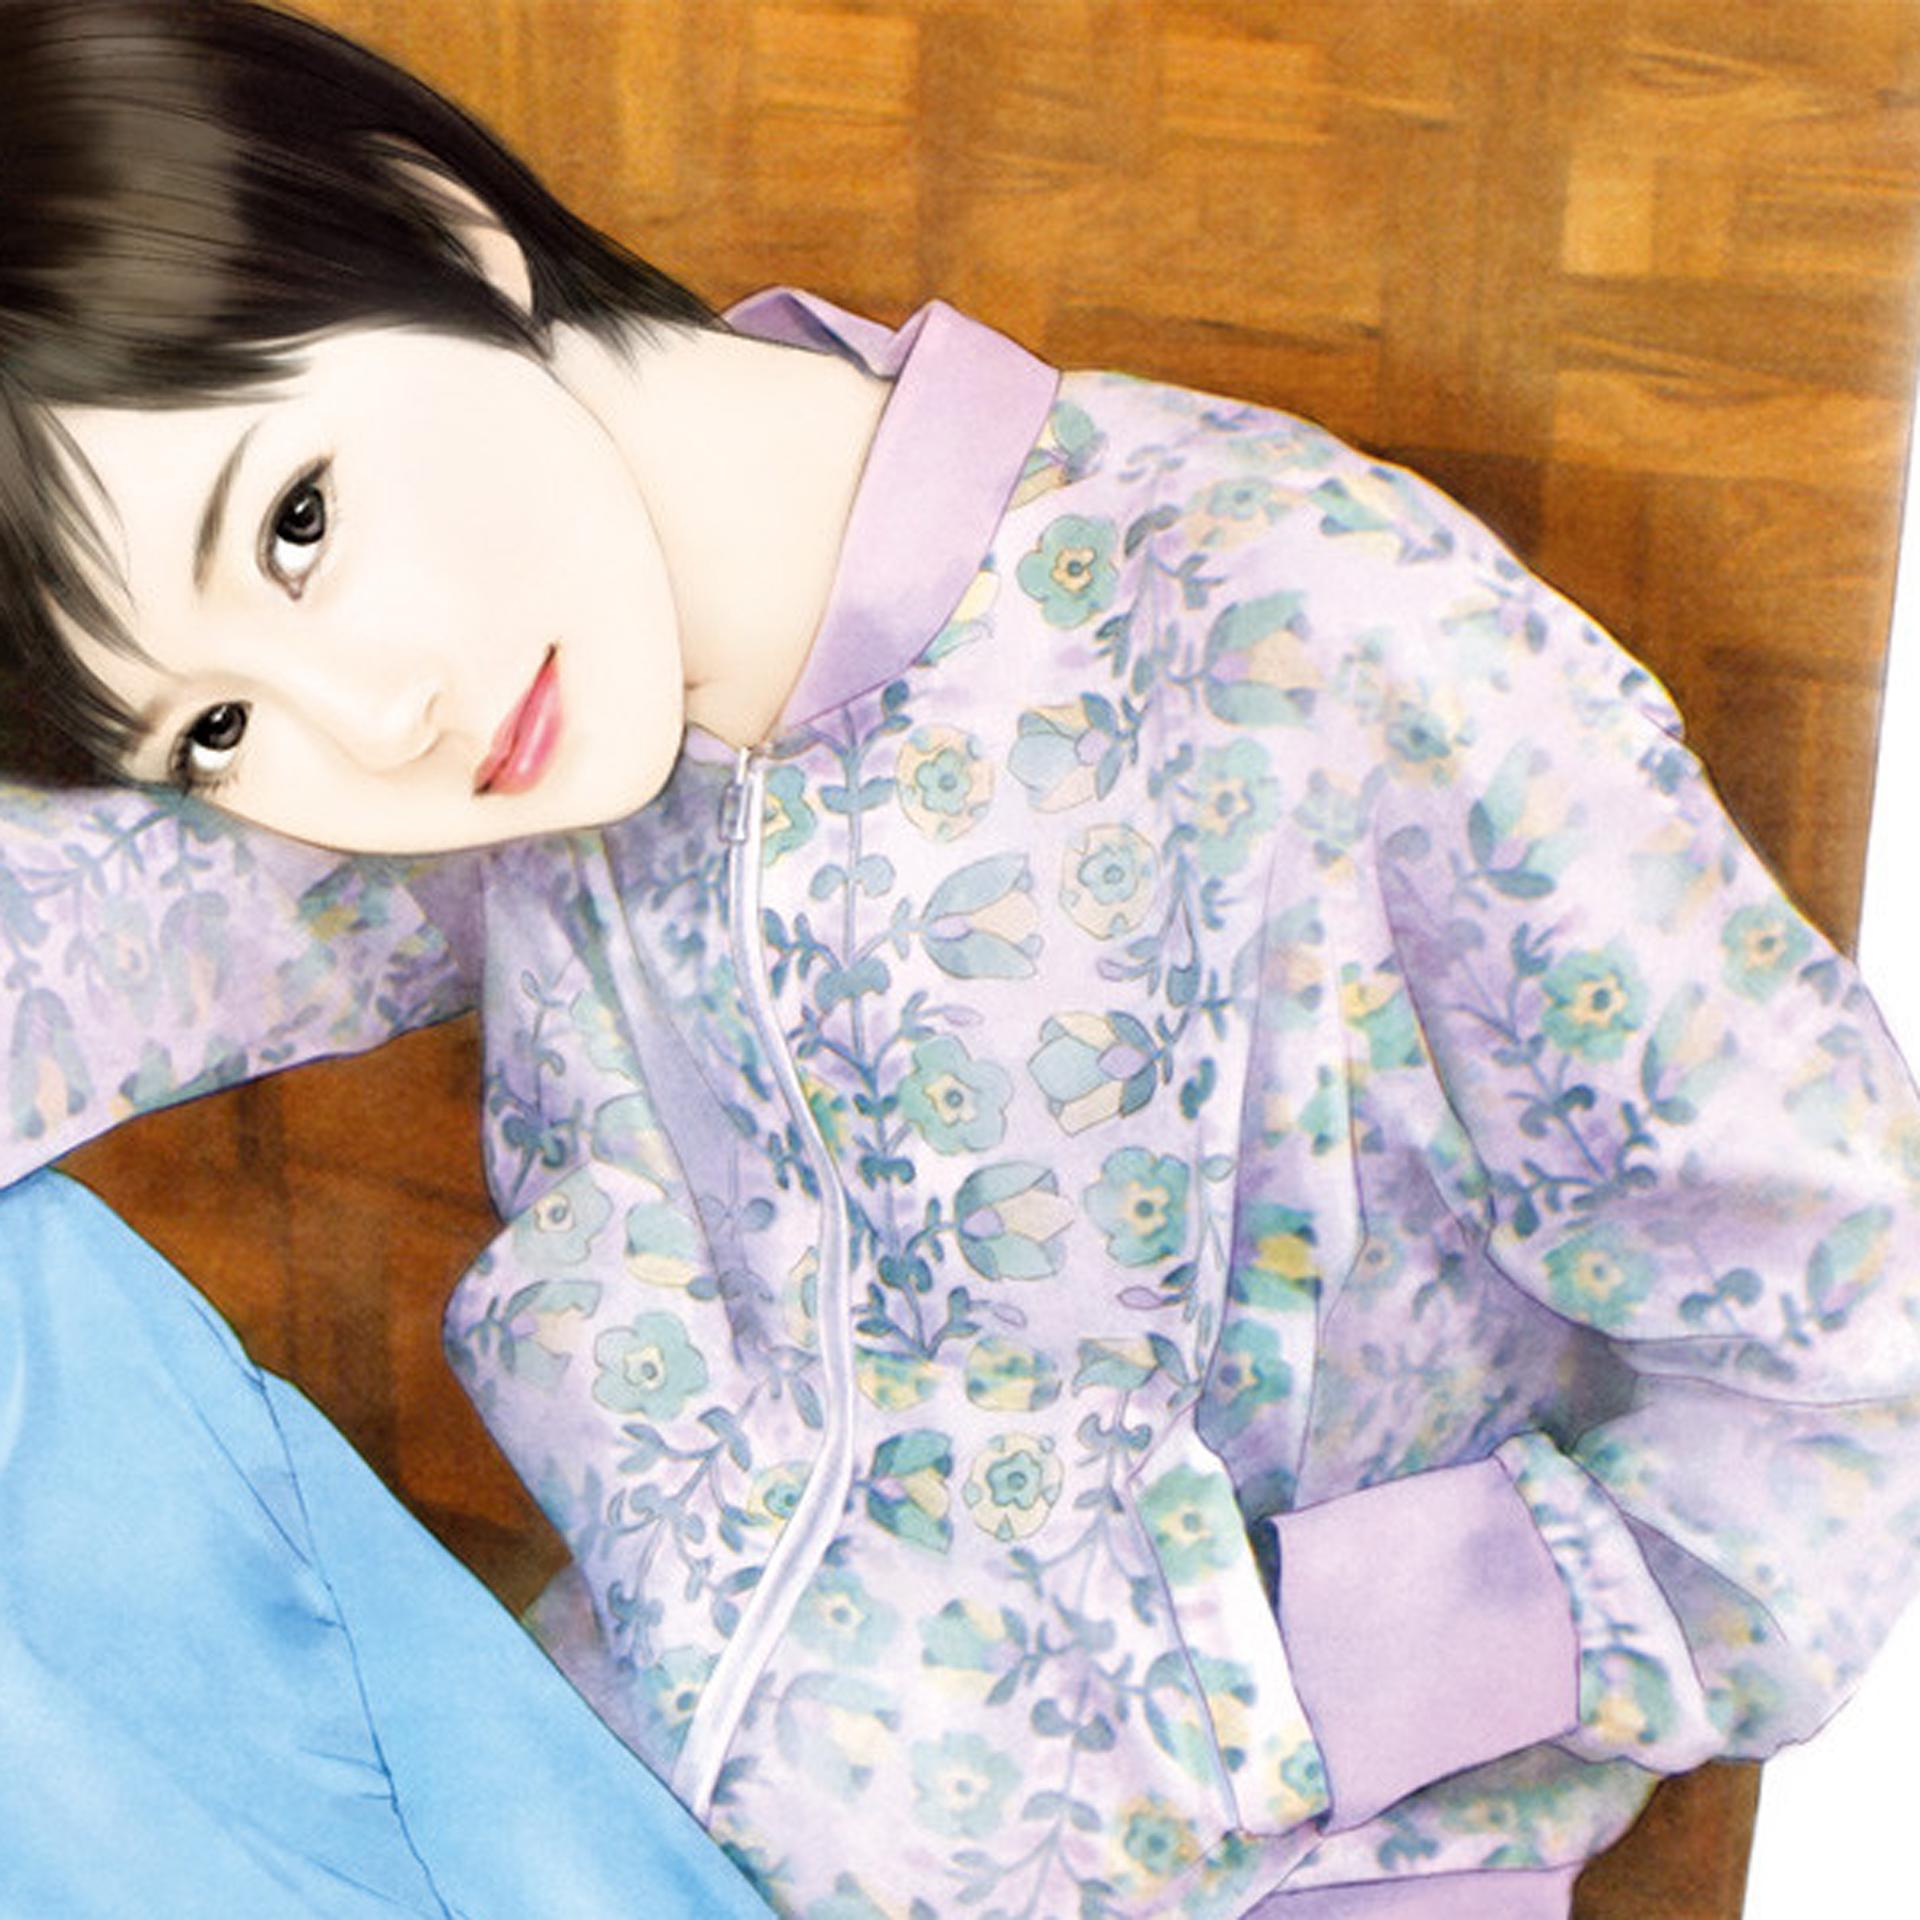 Painting girls 6681 - Painting girls - Pretty Girls